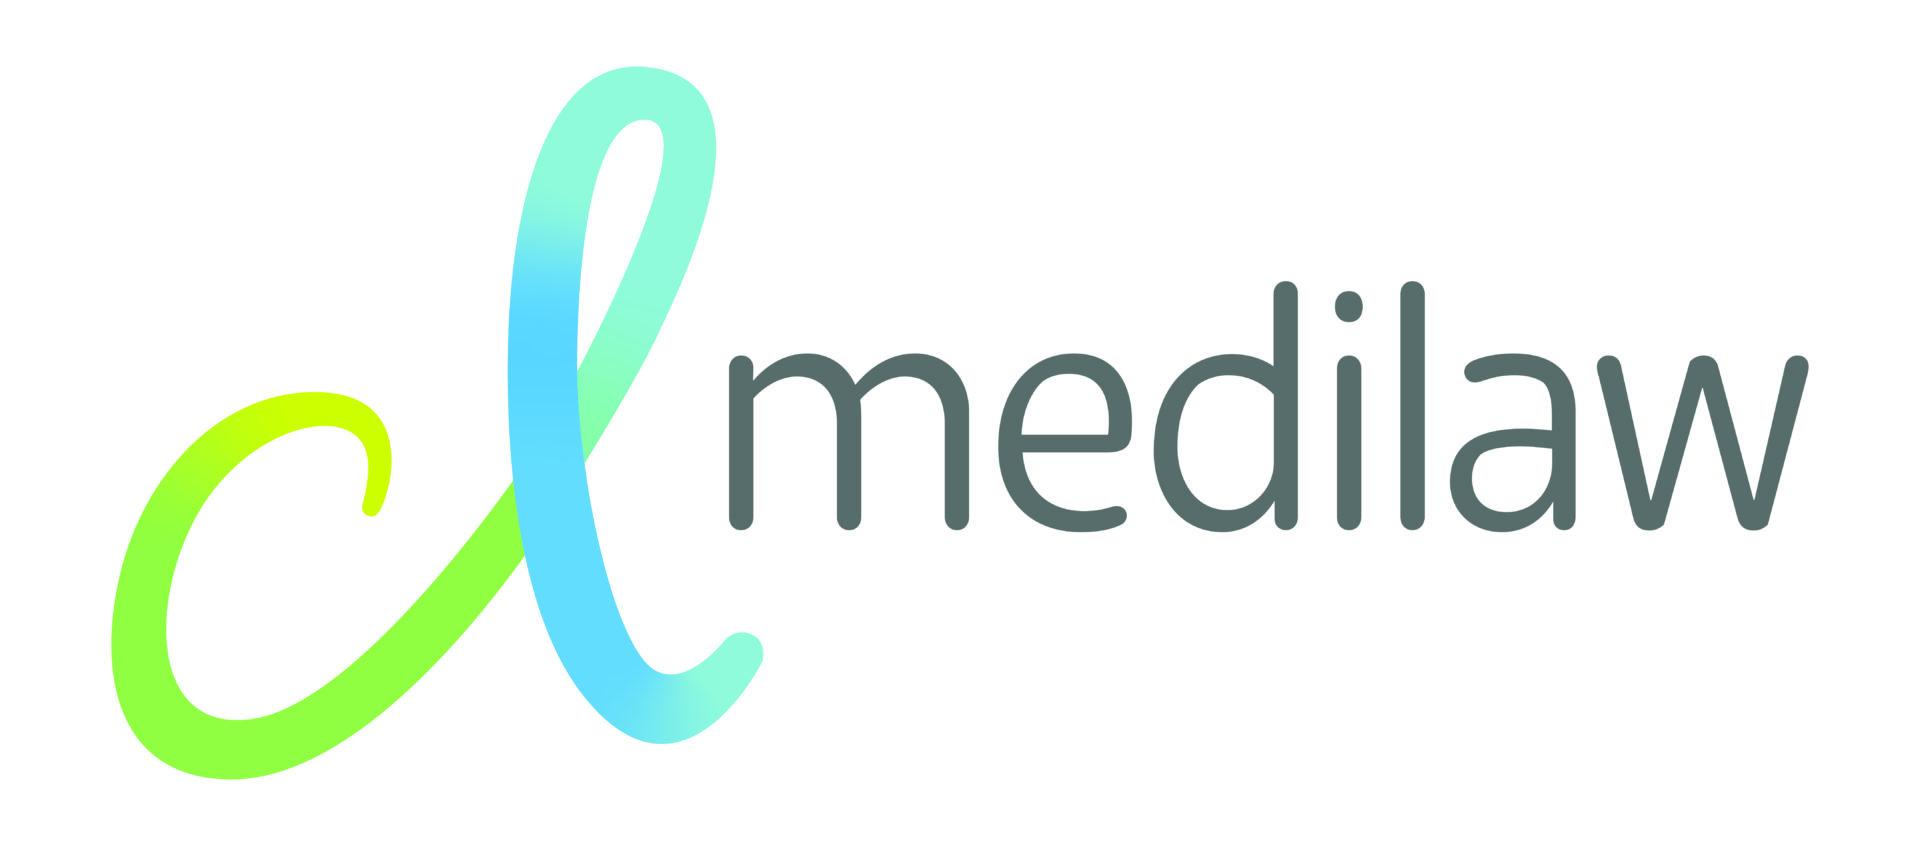 CL Medilaw logo